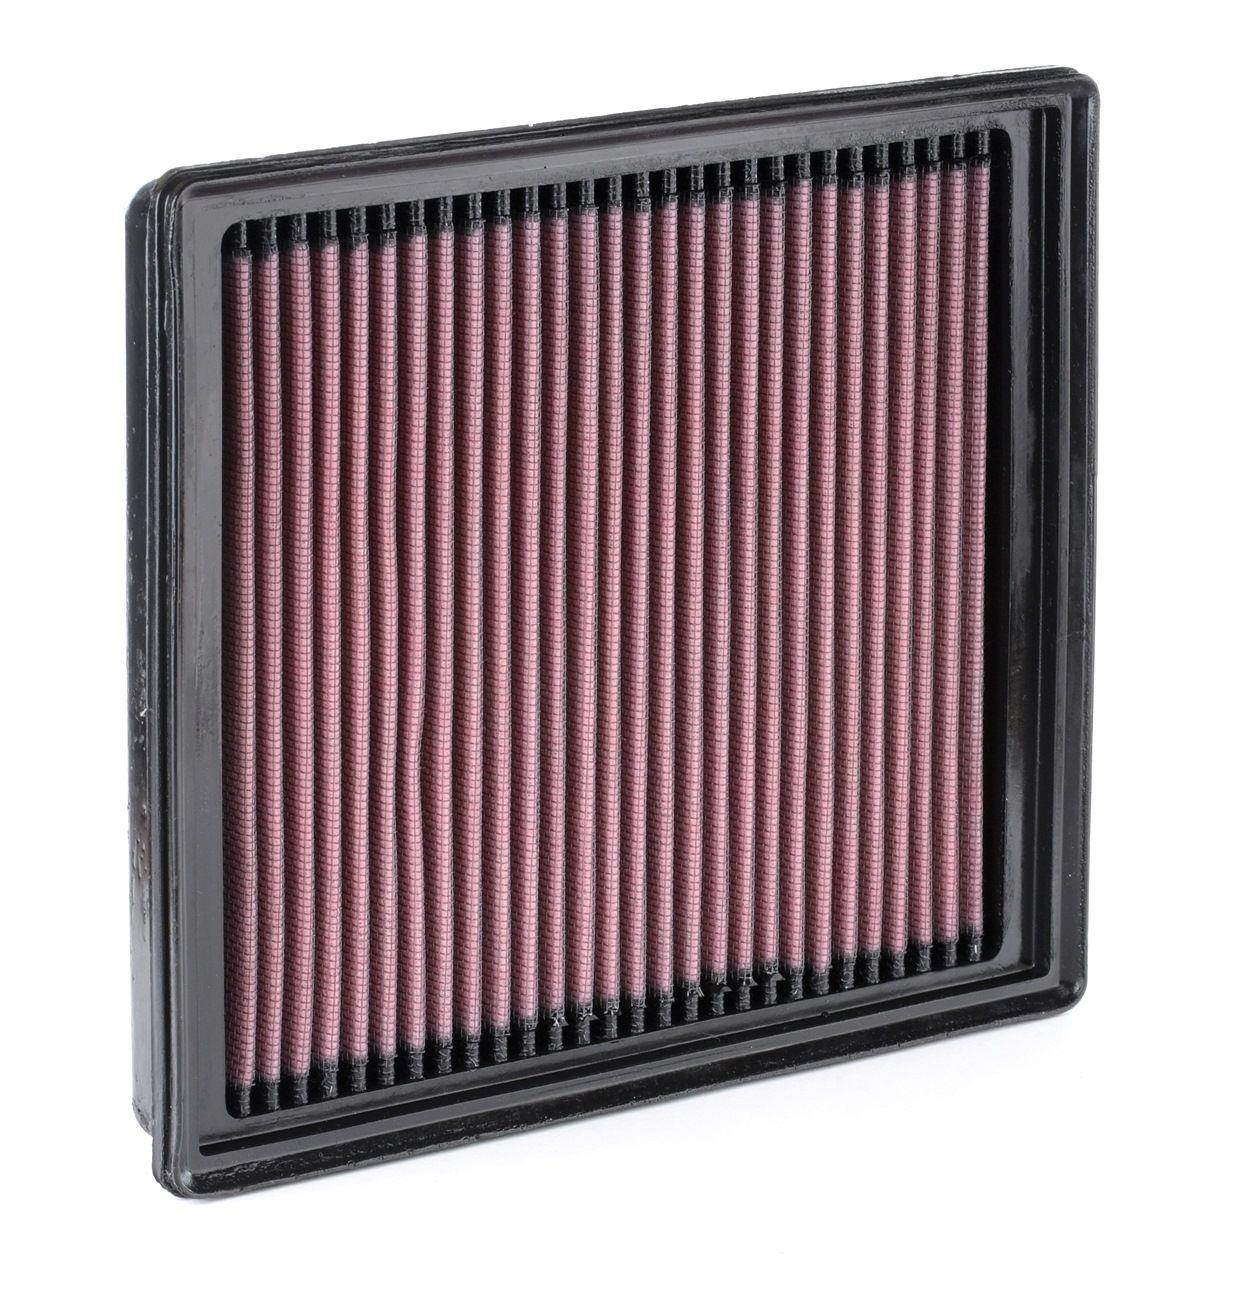 Luftfilter K&N Filters 33-2990 Rating